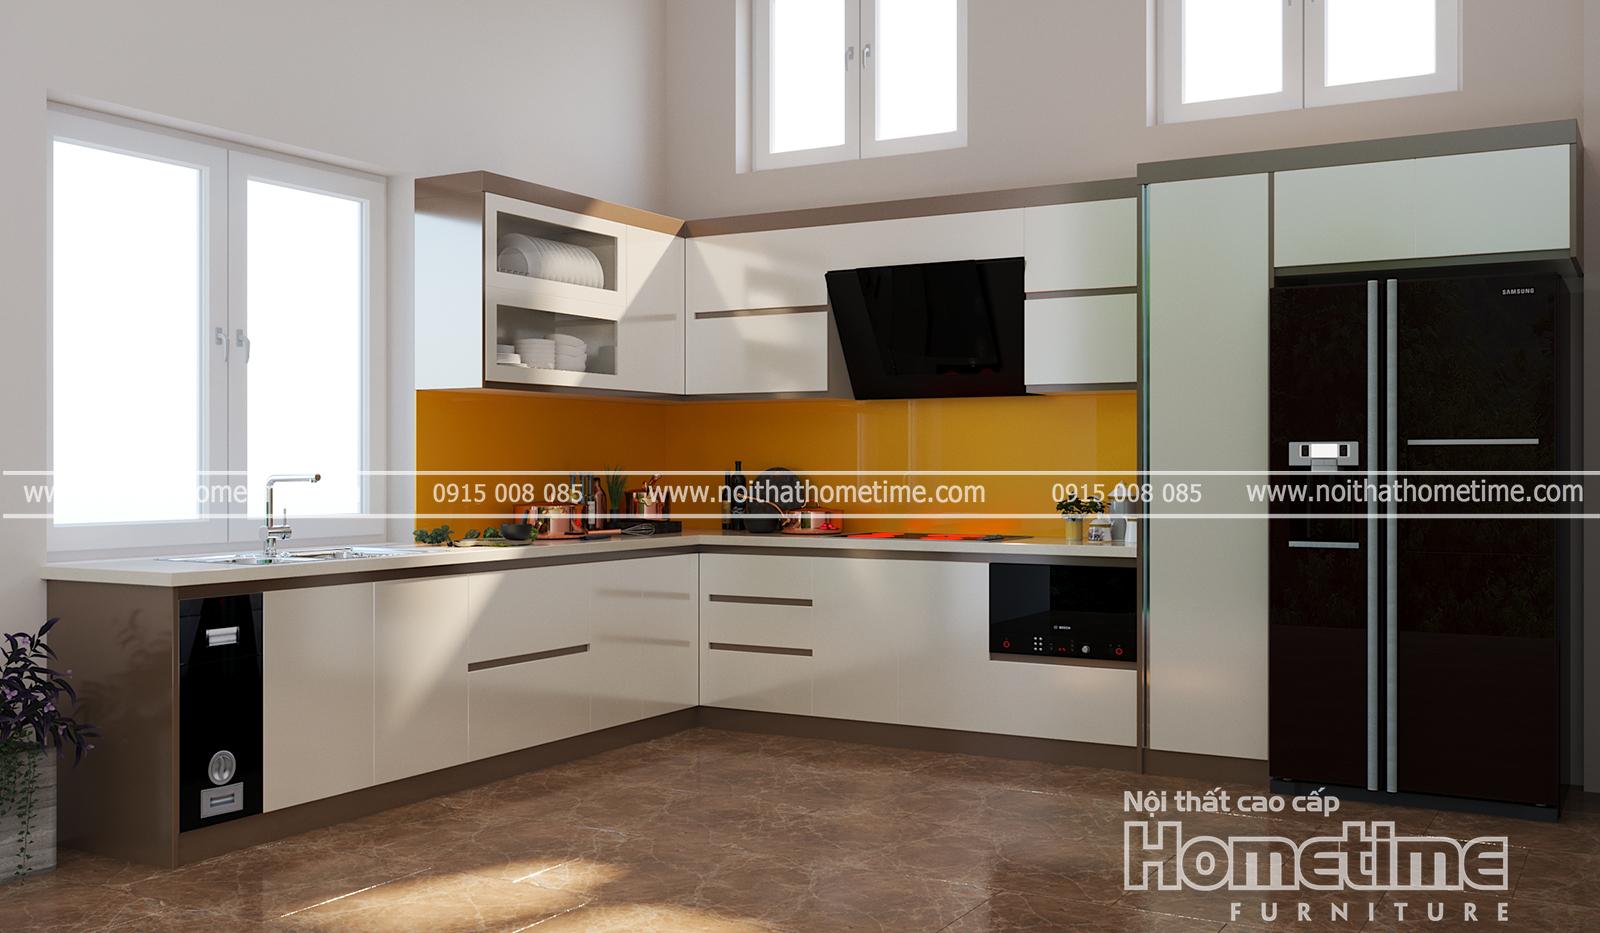 Tủ bếp nhựa phủ acrylic bóng tráng giương kết hợp với cửa sổ rộng